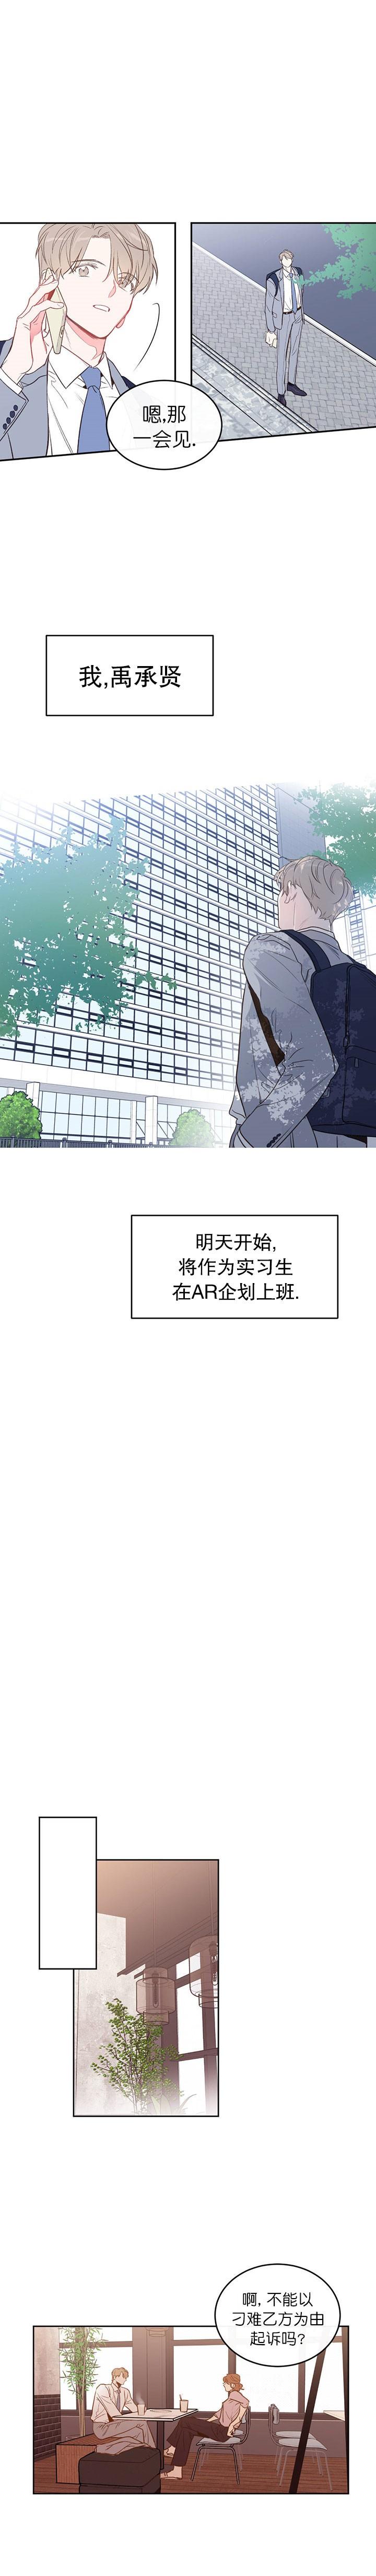 《撩走大魔王》— 漫画韩漫 — 全文在线阅读